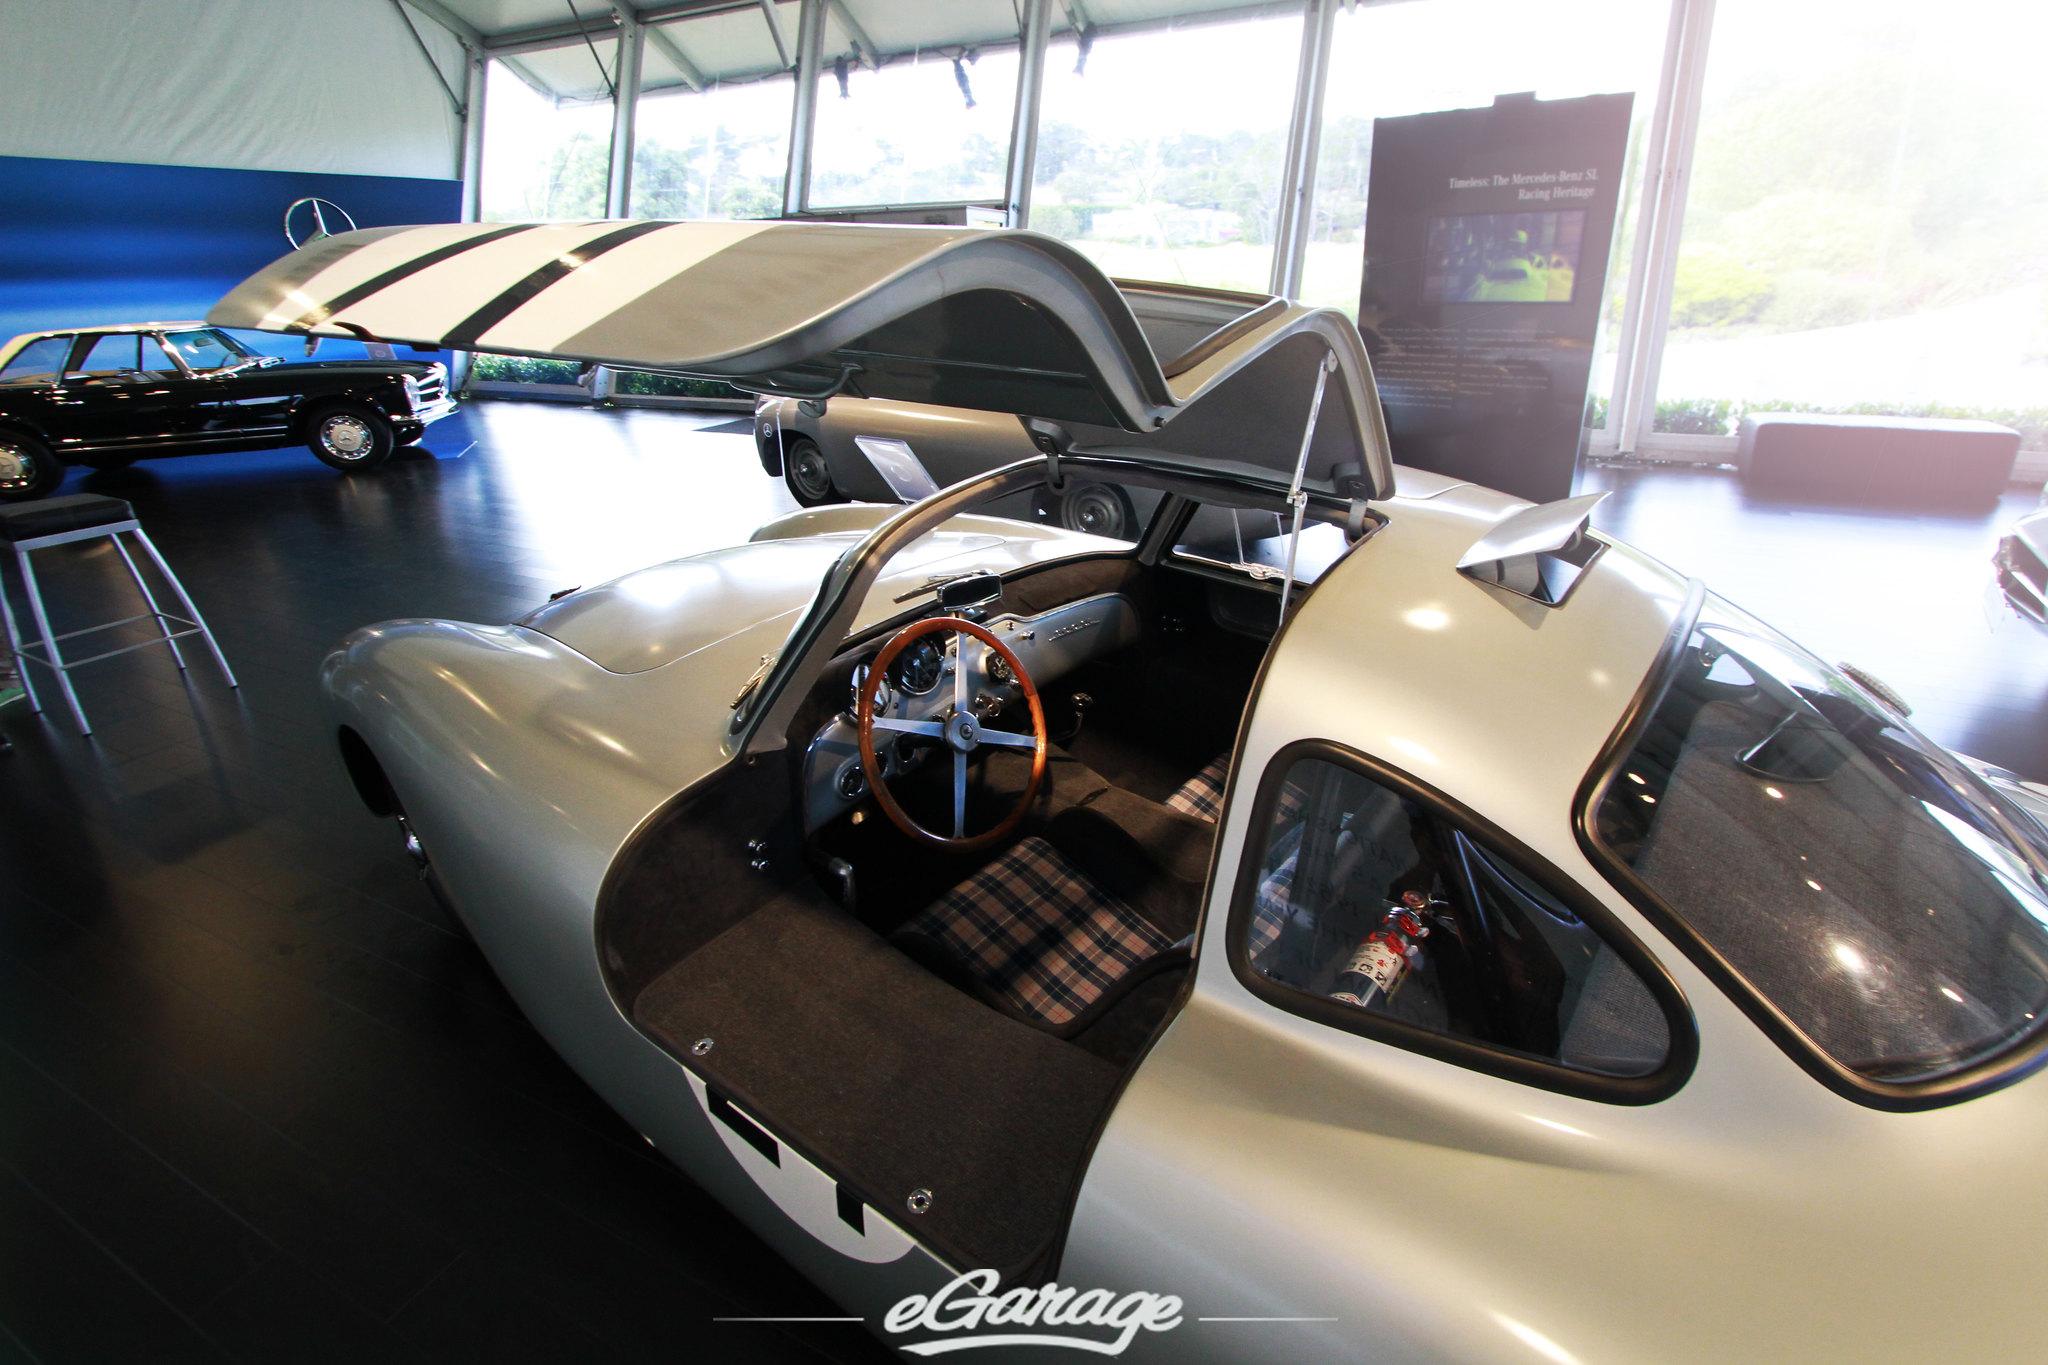 7828924840 2b385ad901 k Mercedes Benz Classic